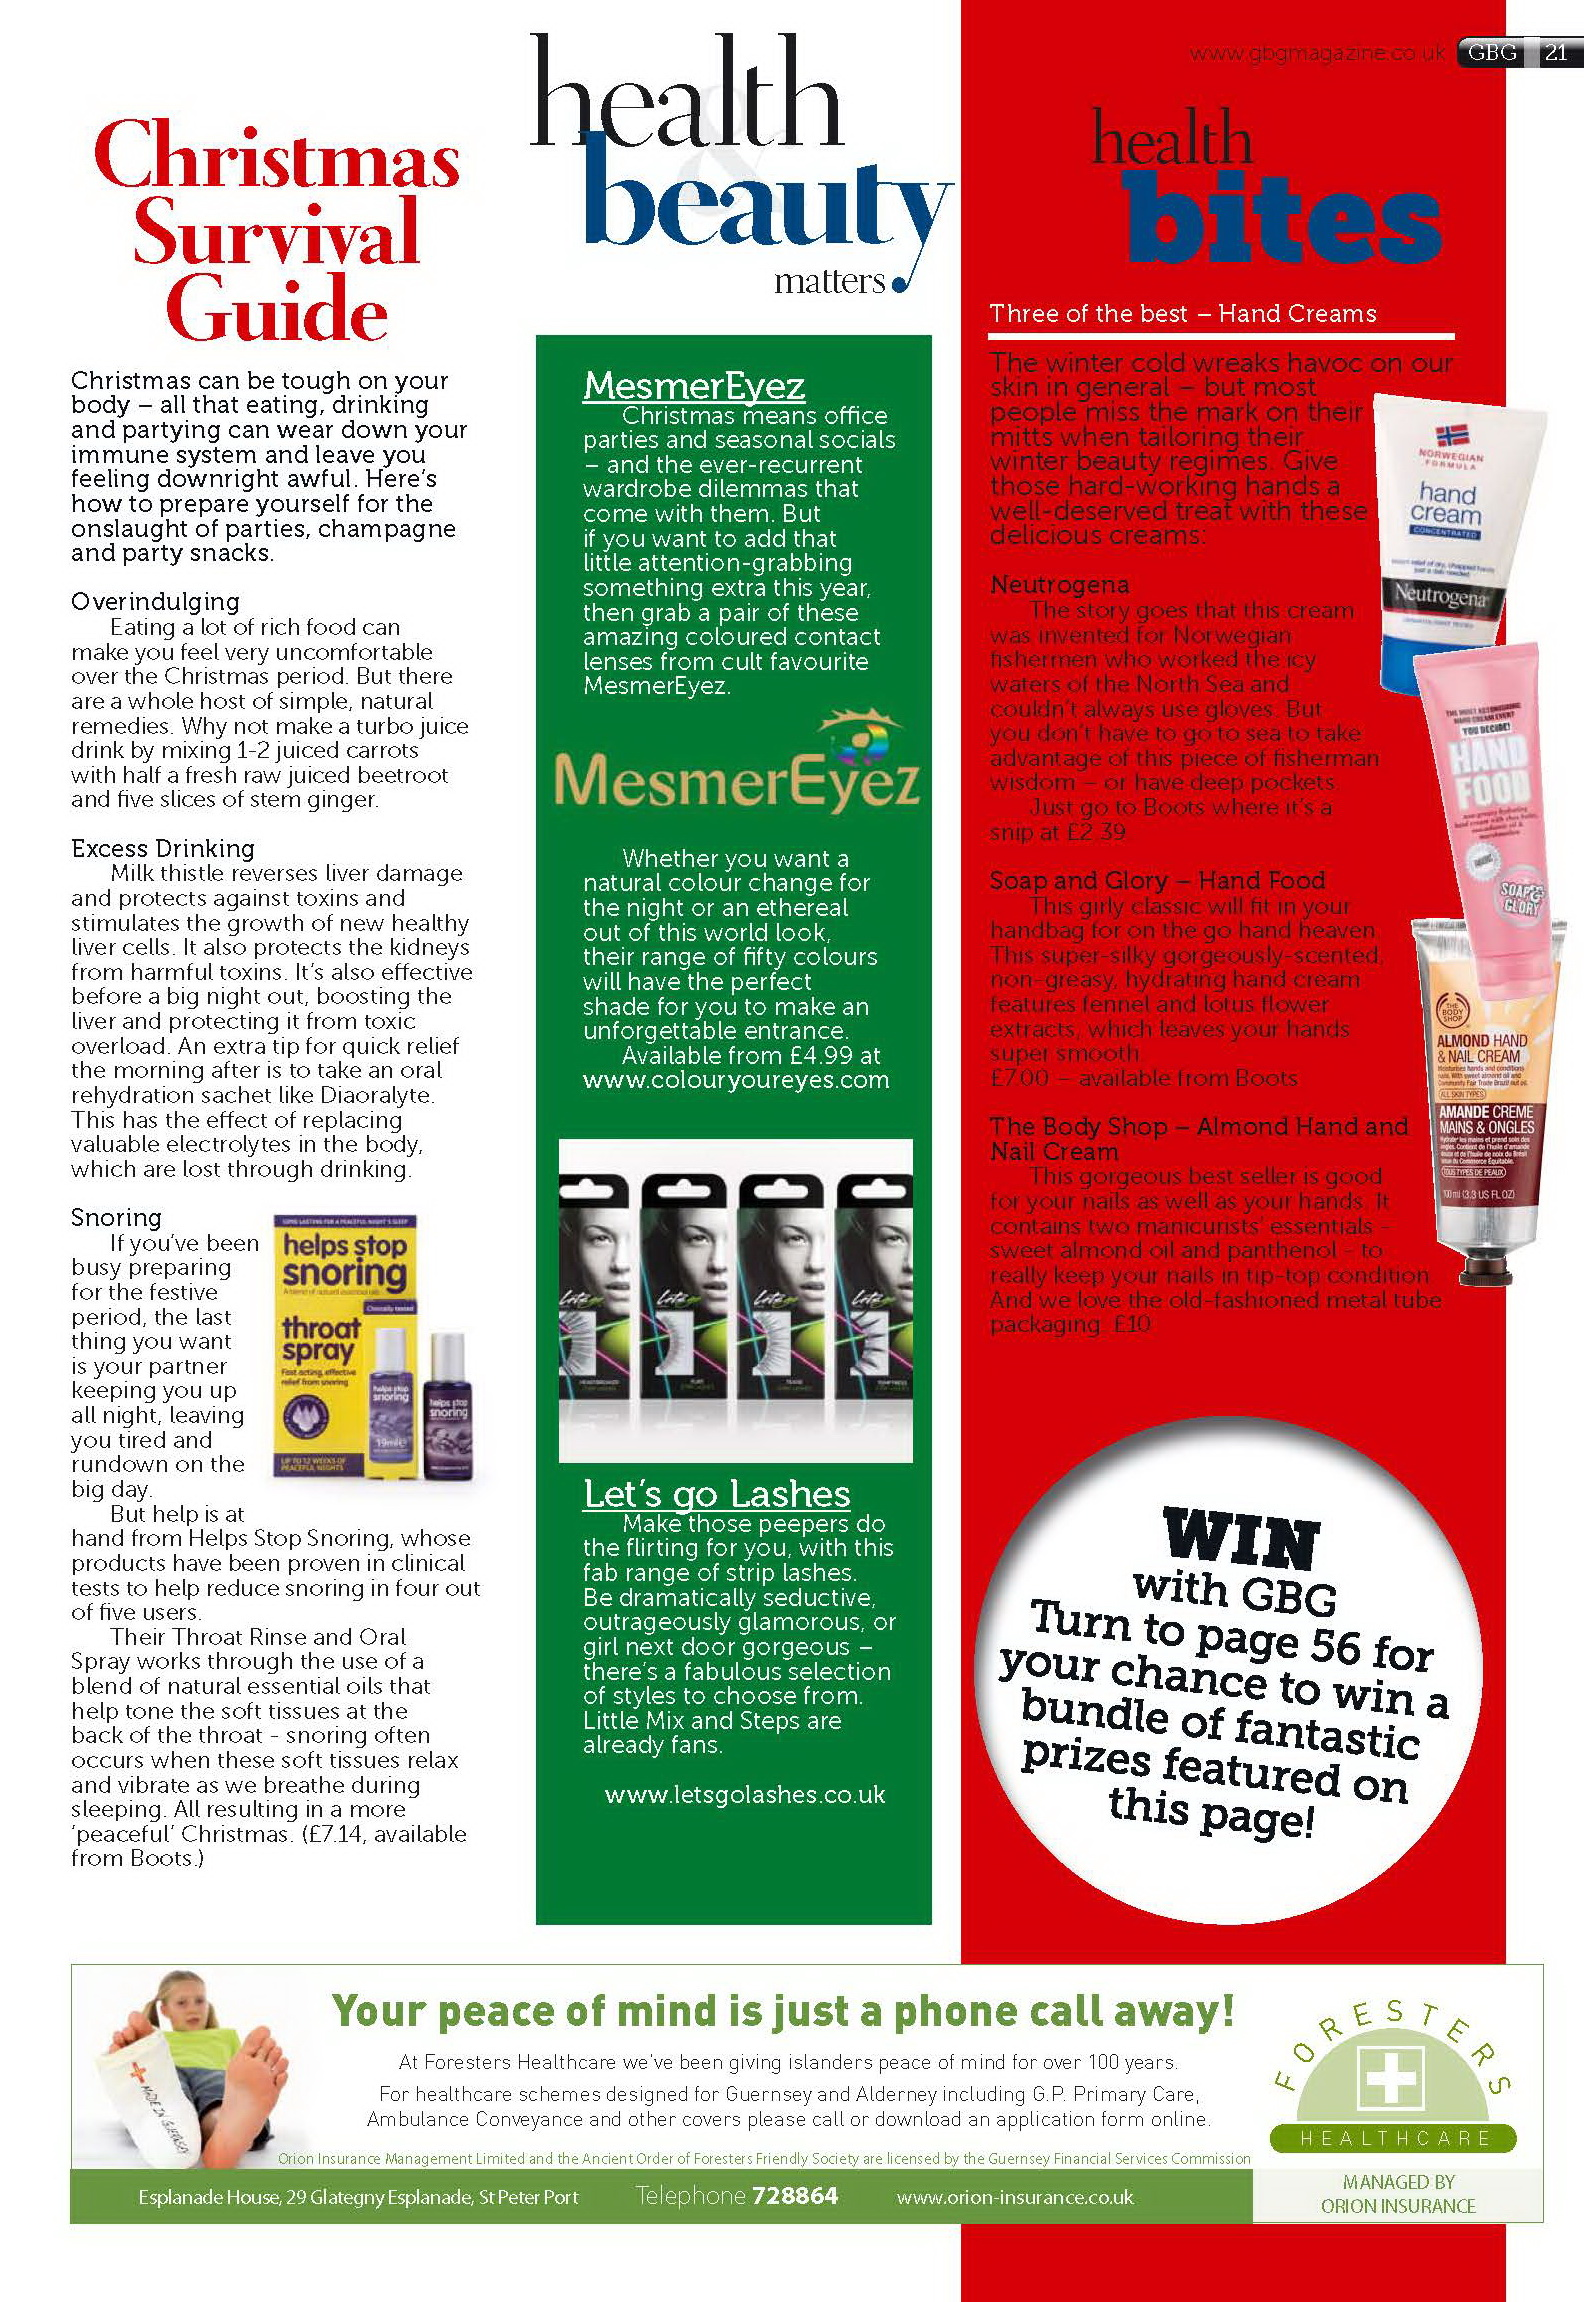 Helps Stop Snoring in GBG Magazine